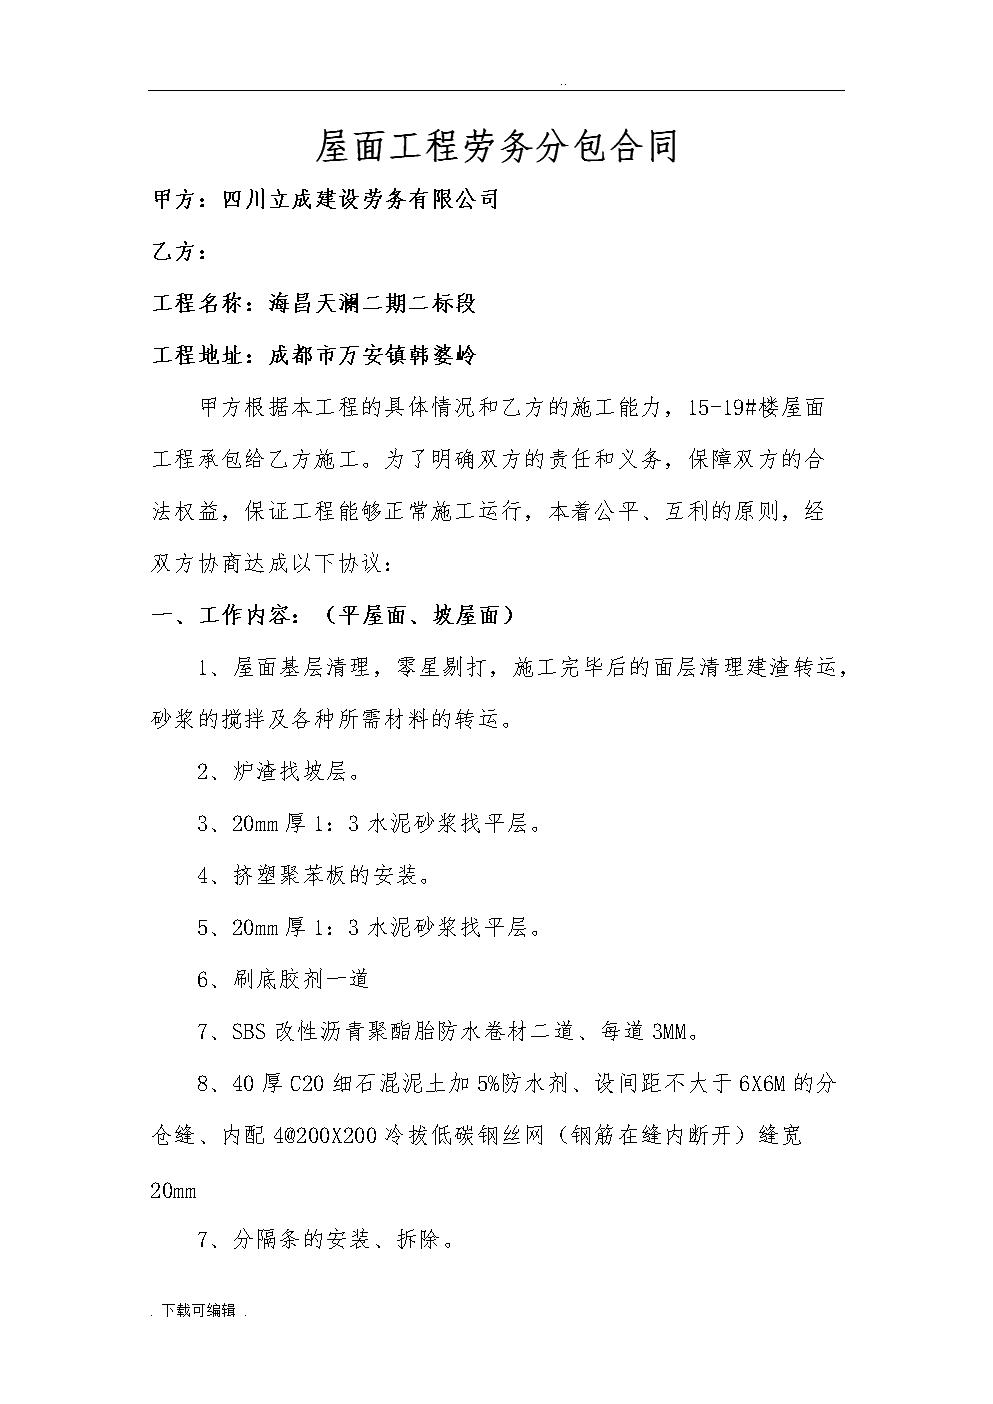 屋面工程劳务分包合同范本.doc